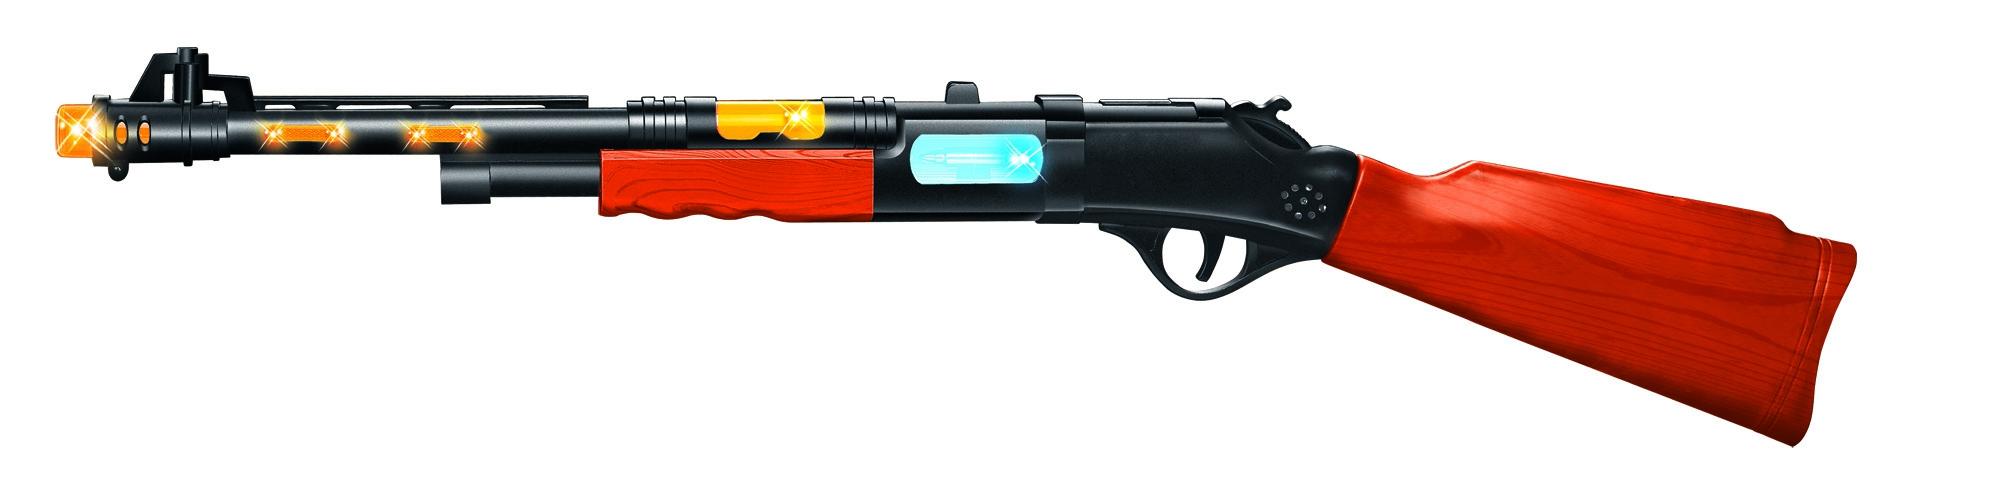 Купить Пистолеты и ружья, Ружье охотничье со светом и звуком, ABtoys, Китай, Мужской